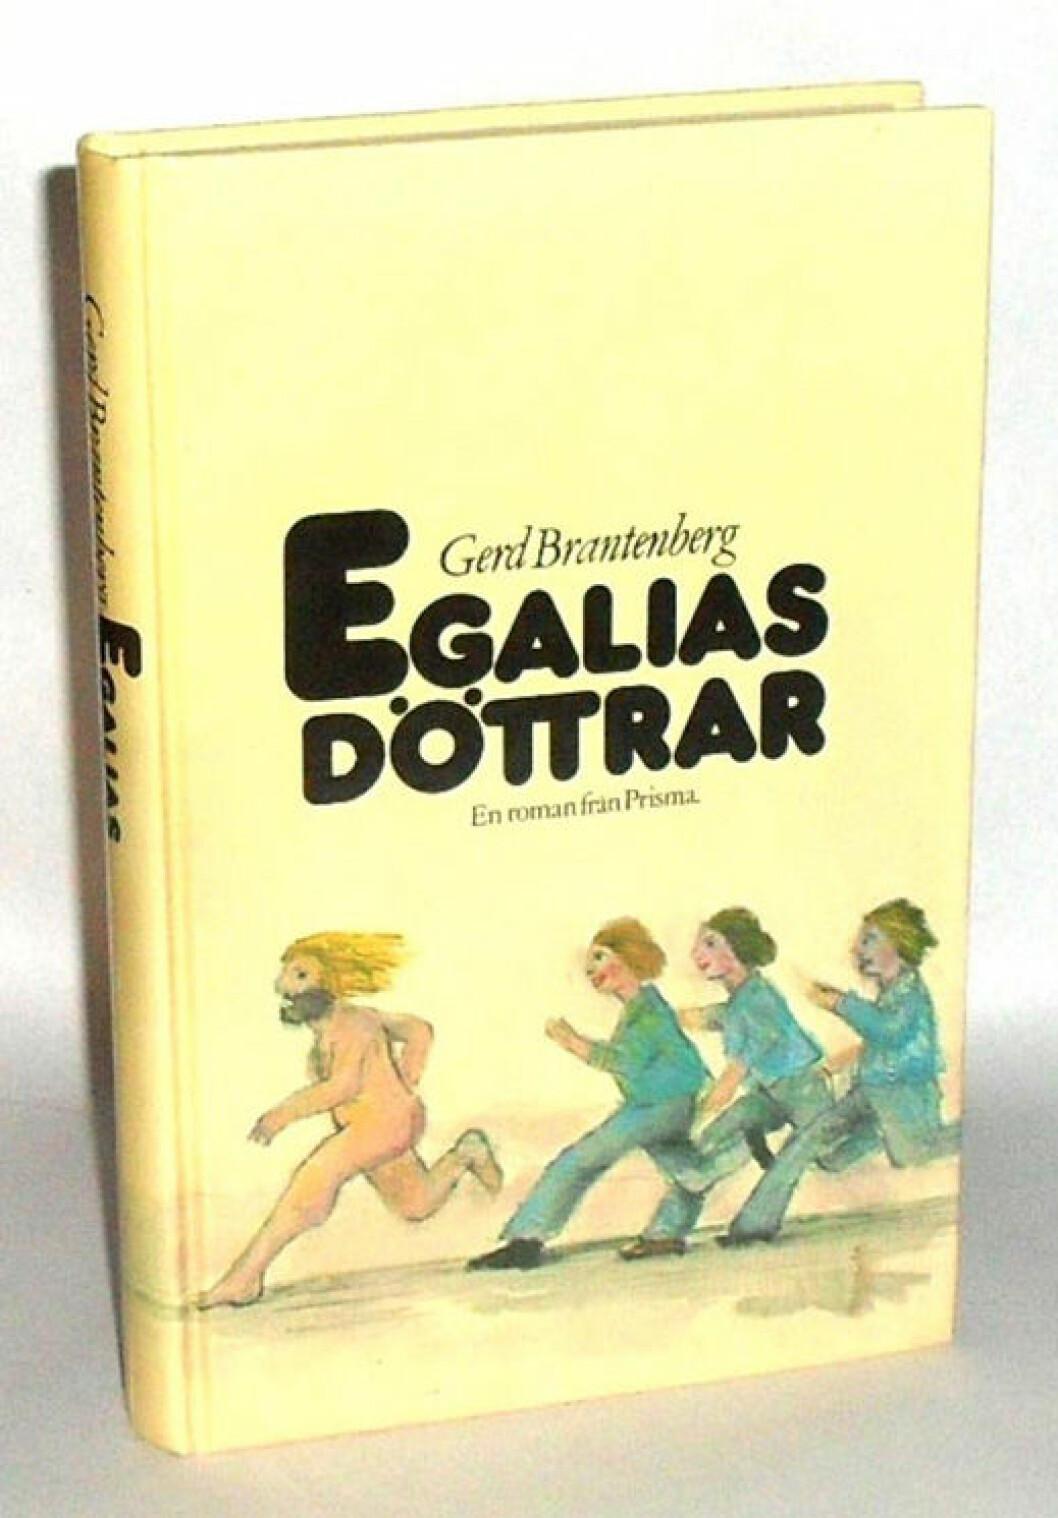 Egalias döttrar, en dystopisk bok av Gerd Brantenberg.